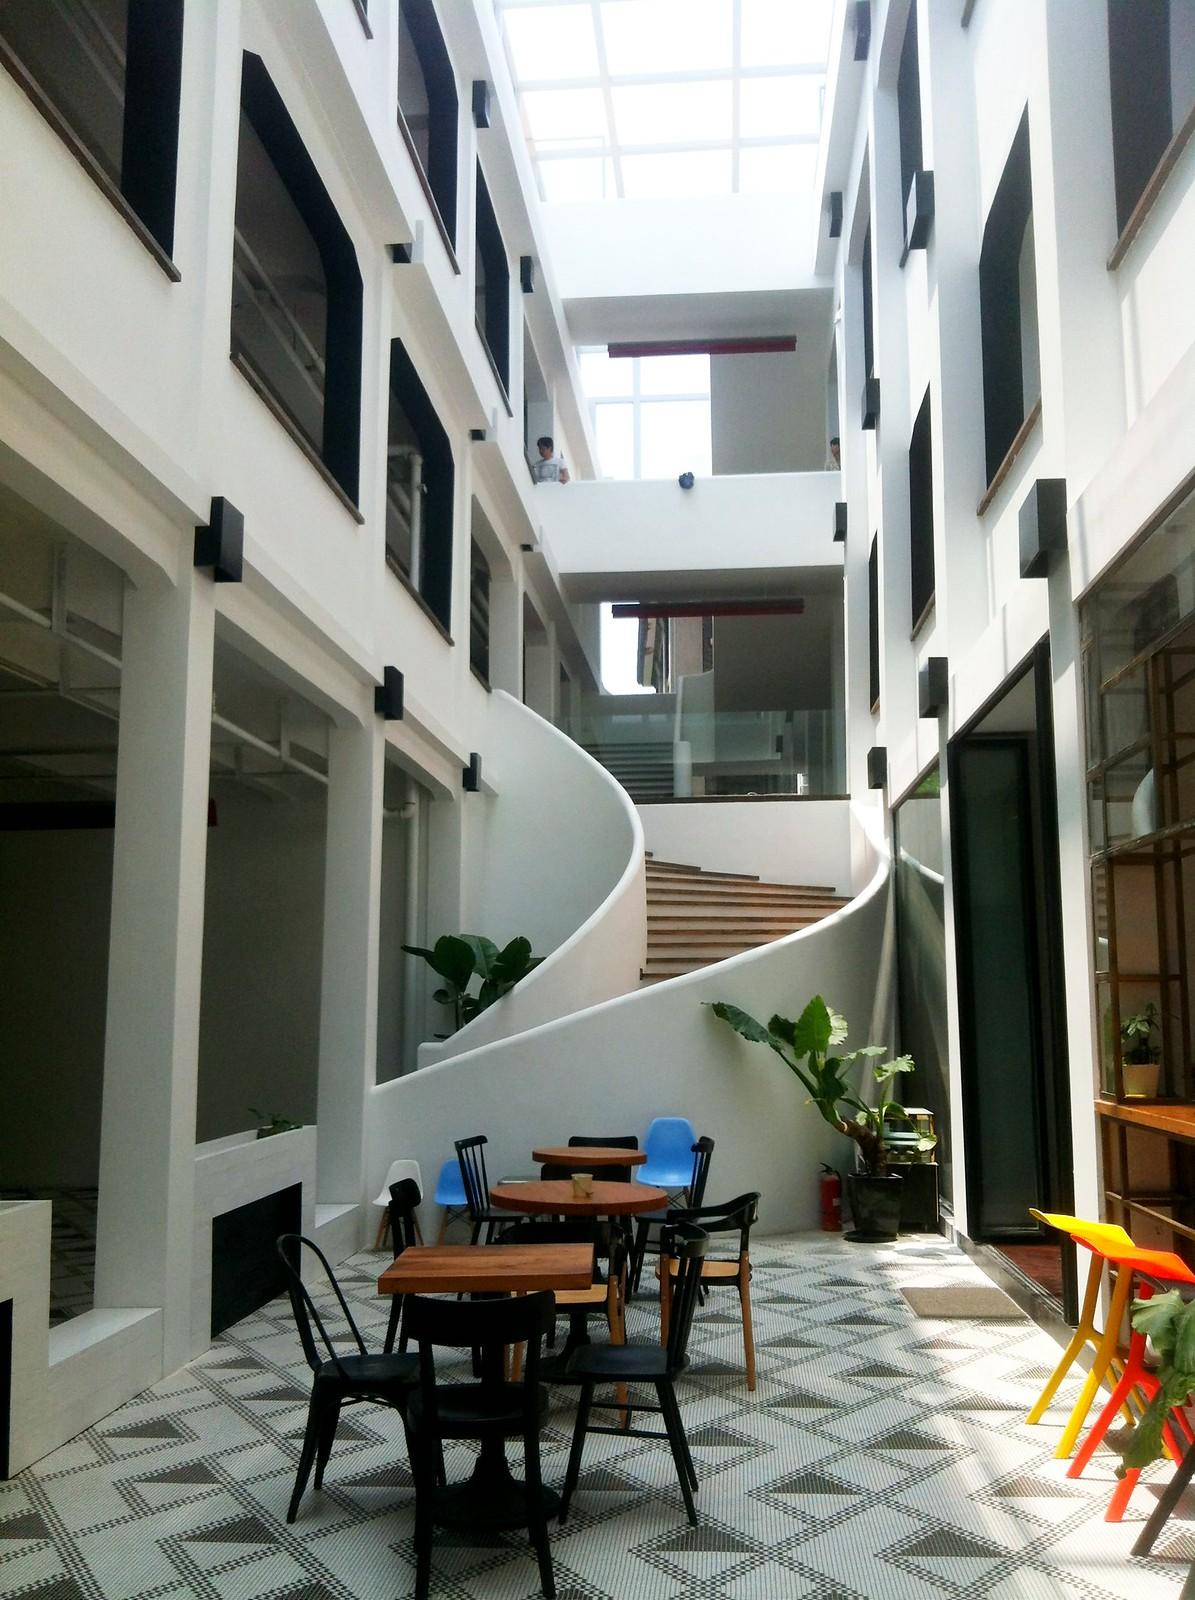 AllSet Learning's new office building